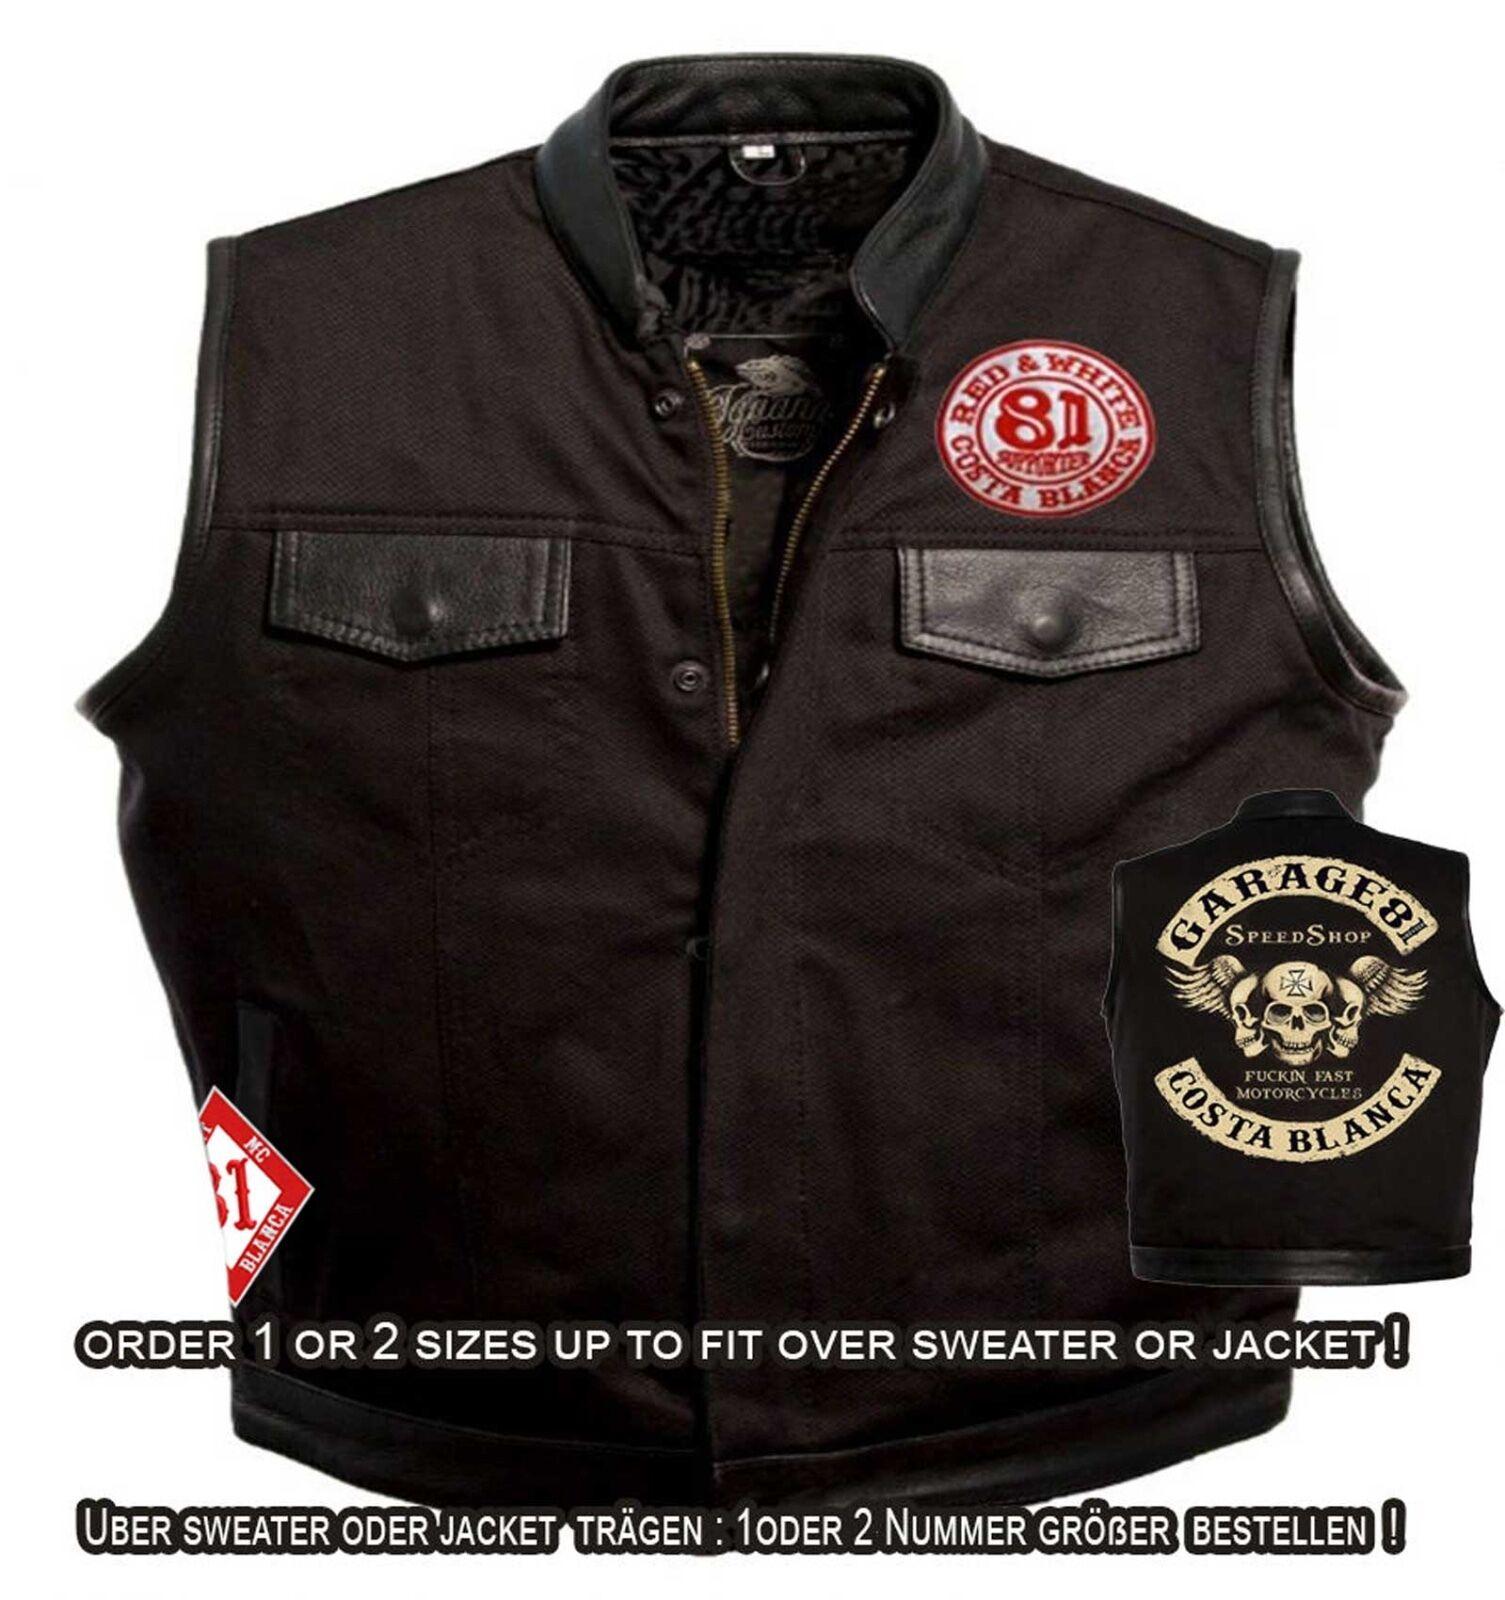 49 Hells Angels Support81 Denim Leather Vest rocker kutten M - 5XL mit 81 patch